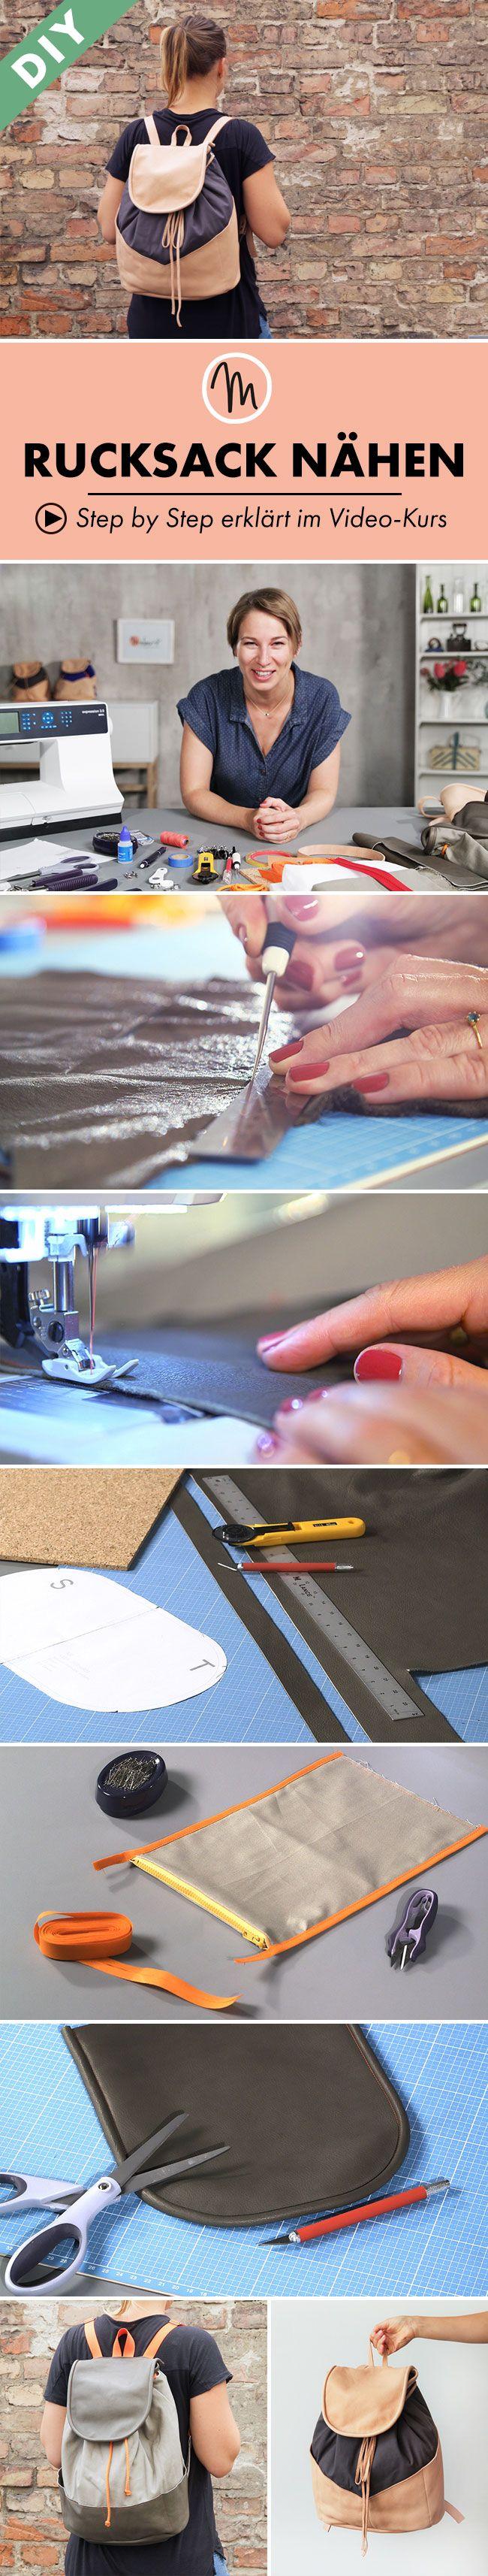 Mit deiner Haushaltsnähmaschine einfach deinen eigenen Rucksack für jeden Anlass nähen - Step by Step erklärt im Video-Kurs via Makerist.de